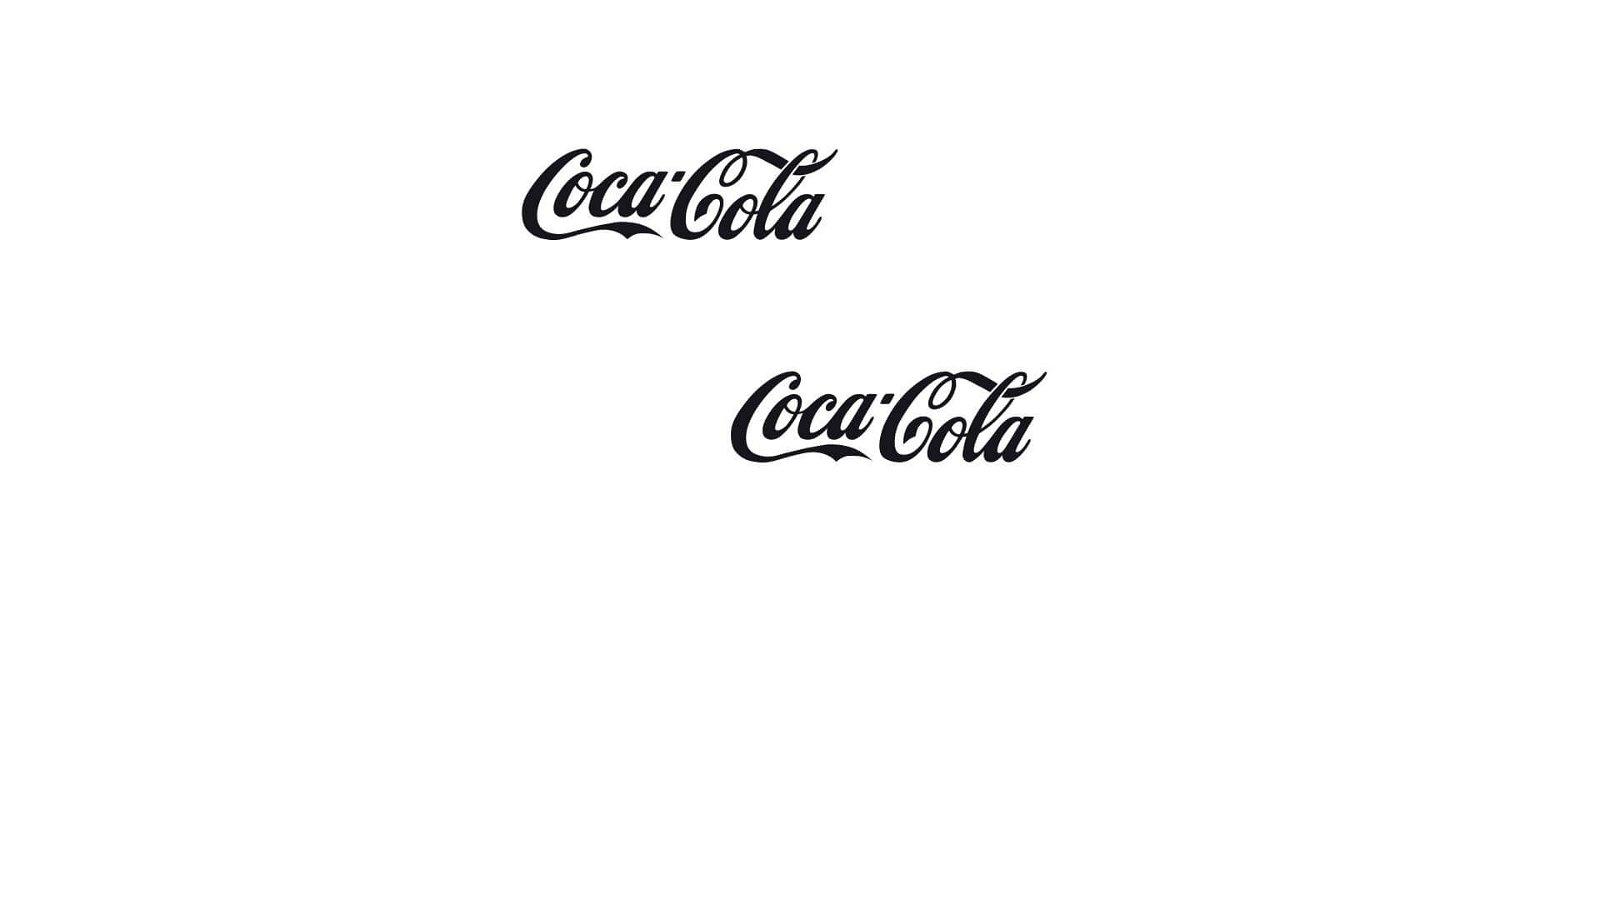 Coca Font View